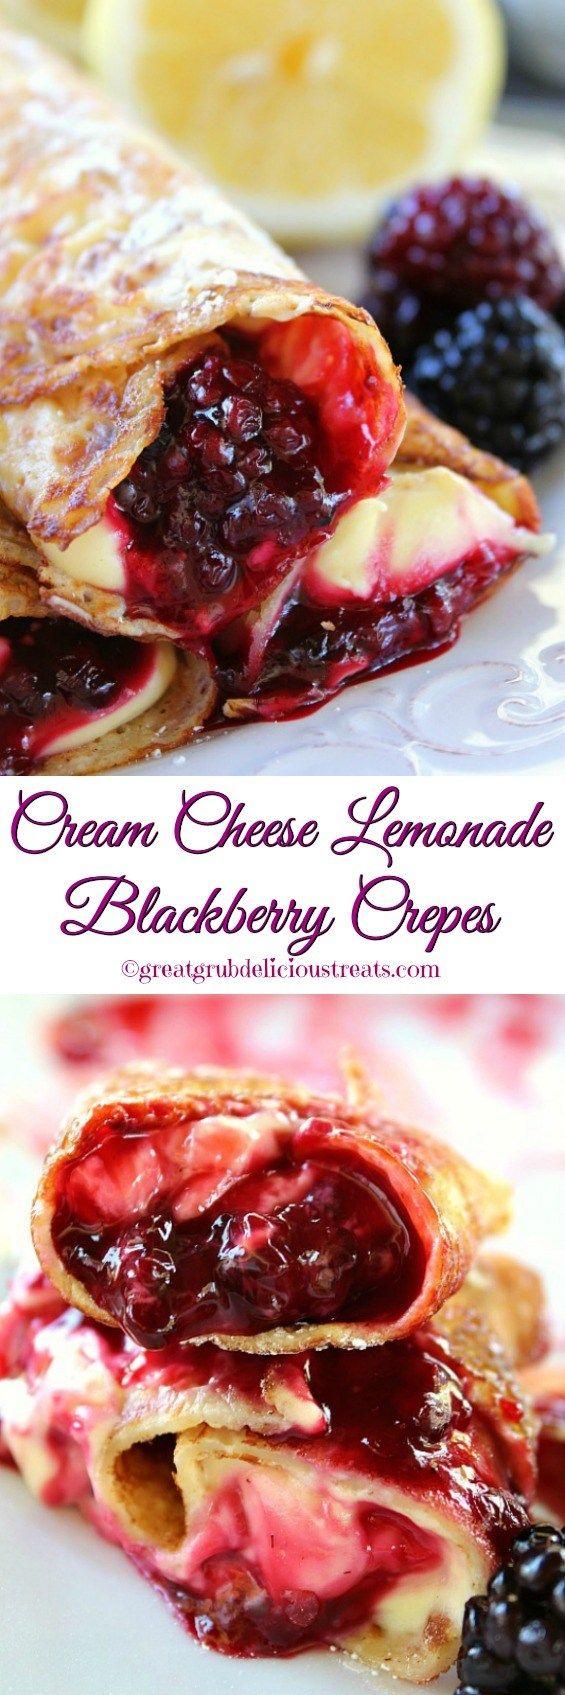 Cream Cheese Lemonade Blackberry Crepes